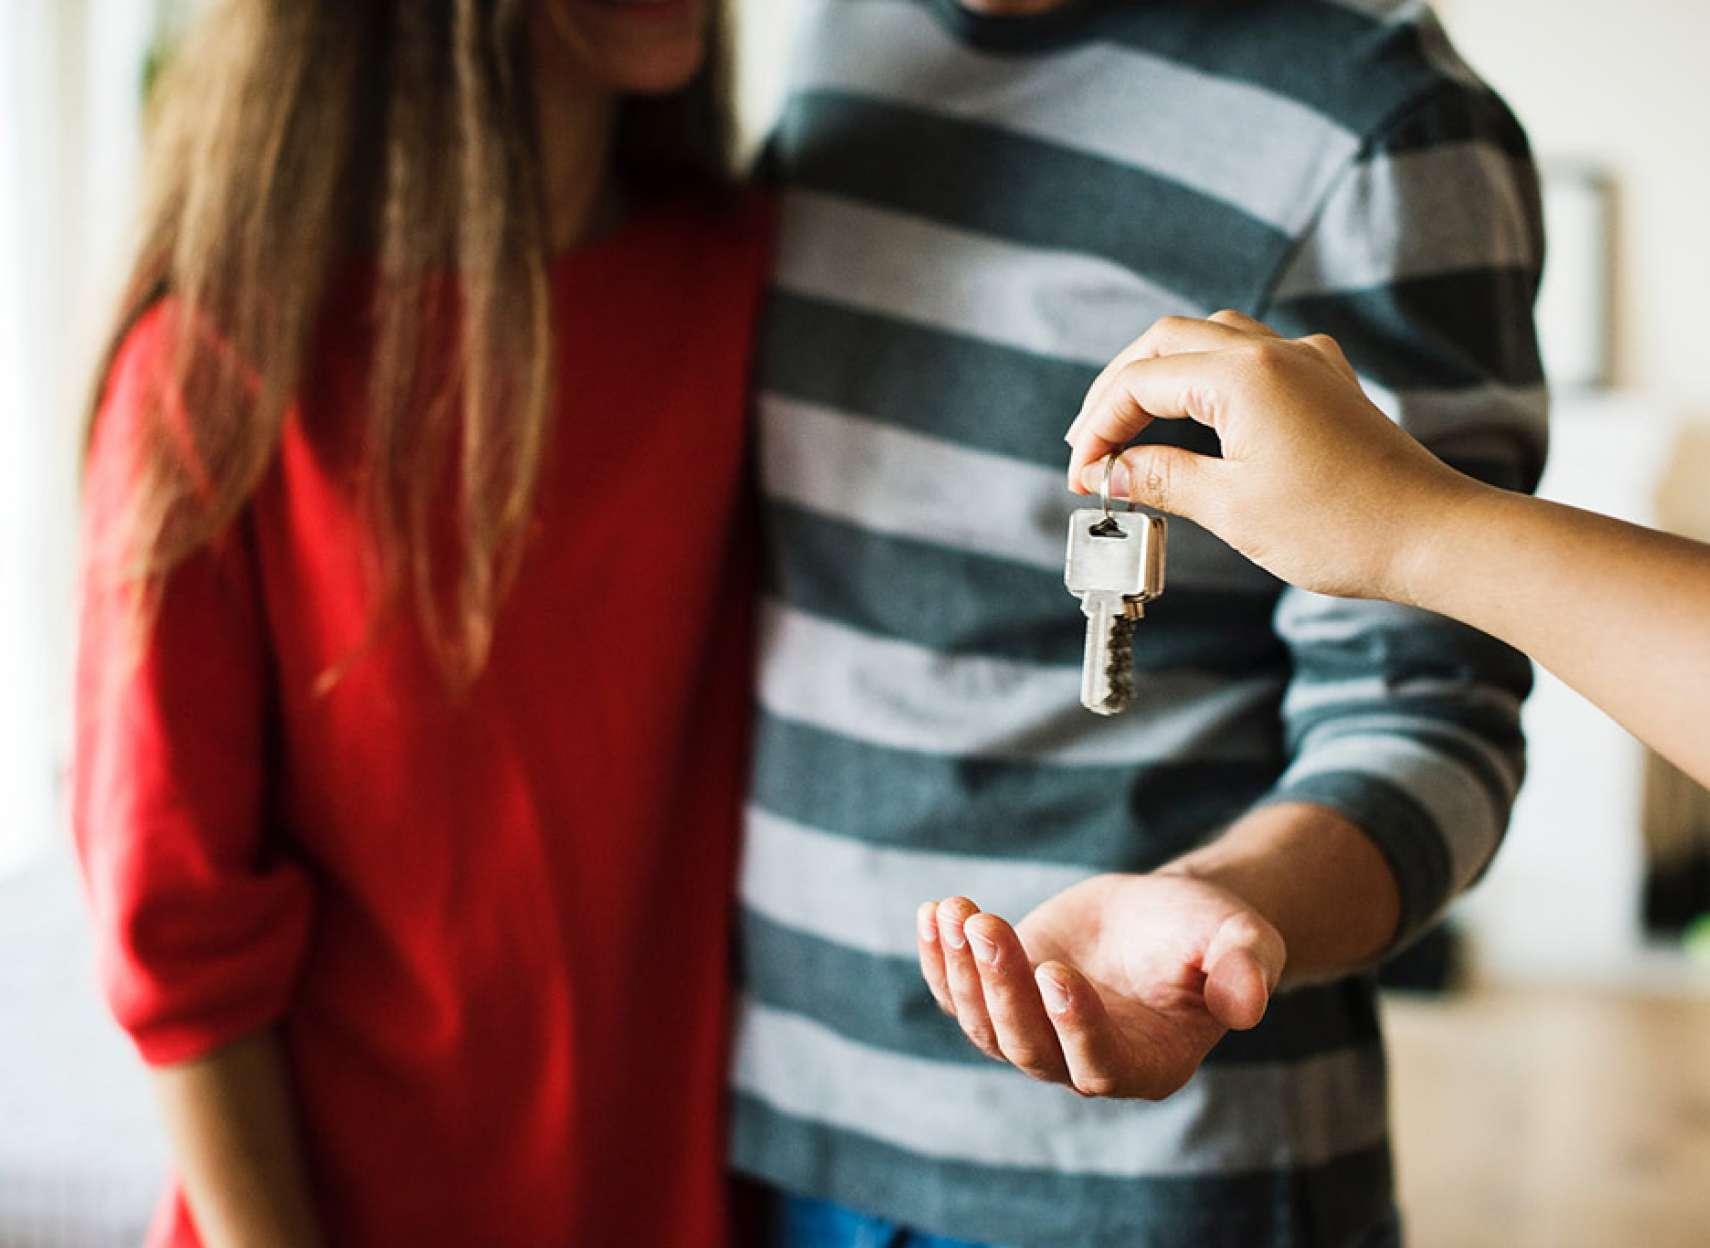 انواری-مسکن-فروش-بالاى-خانههاى-ويلايى-اما-چرا-با-قیمت-کمتر